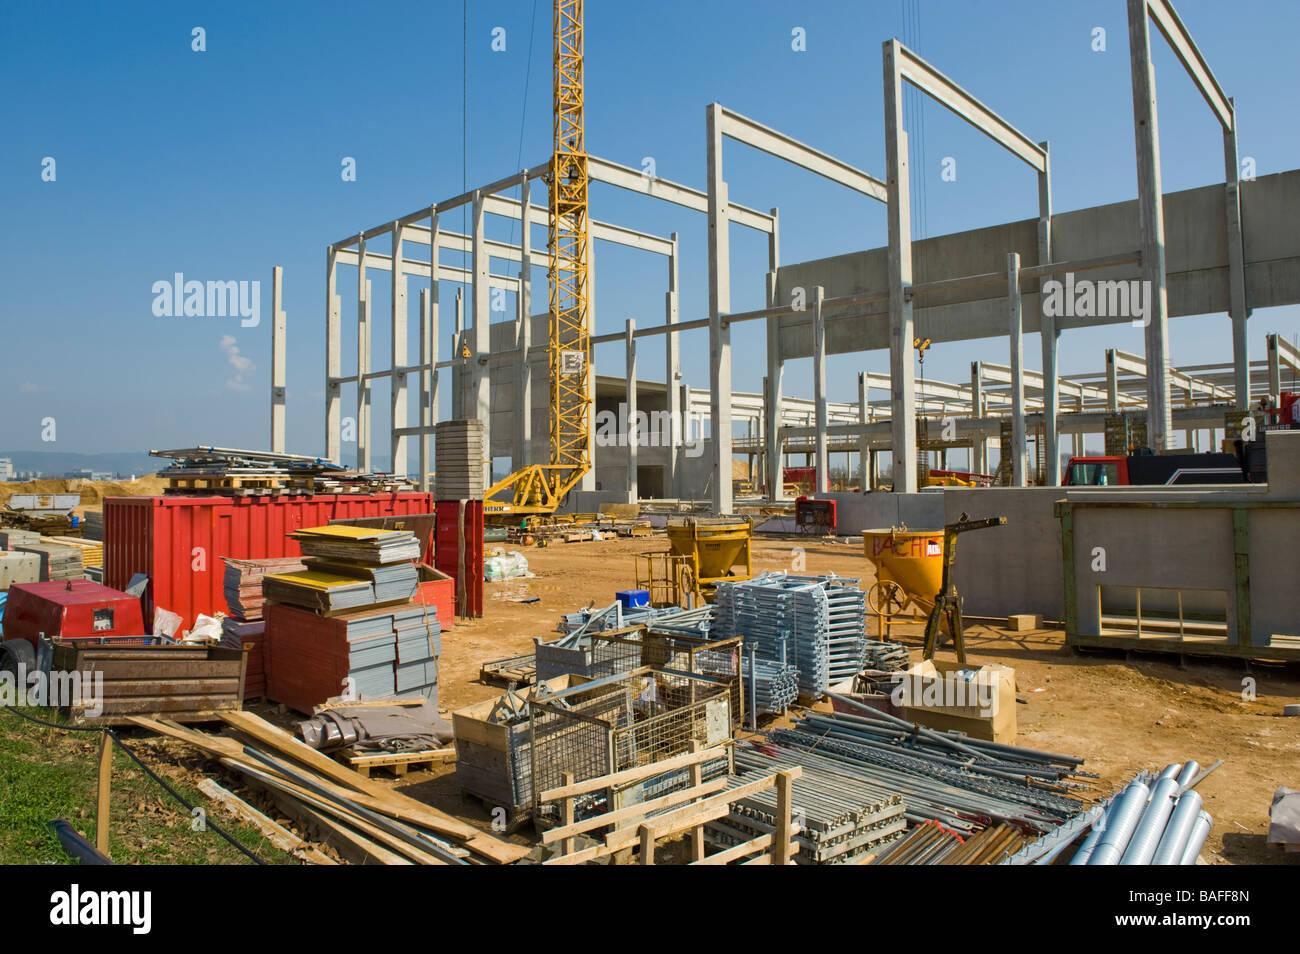 Building Construction Site : Building site construction factory plant structure